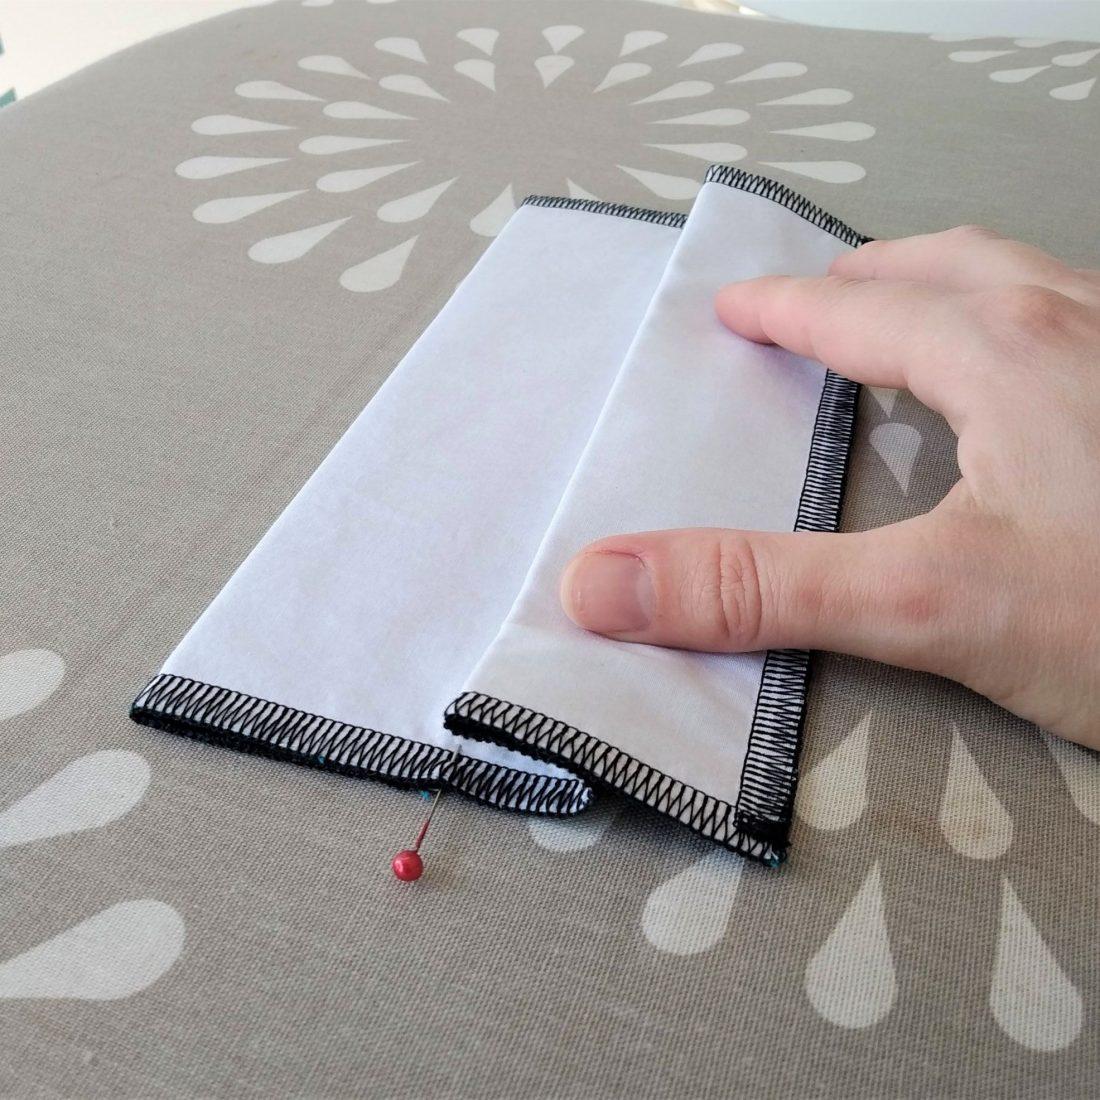 Retournez la pliure précédemment réalisée au niveau des aiguilles (milieu du carré)